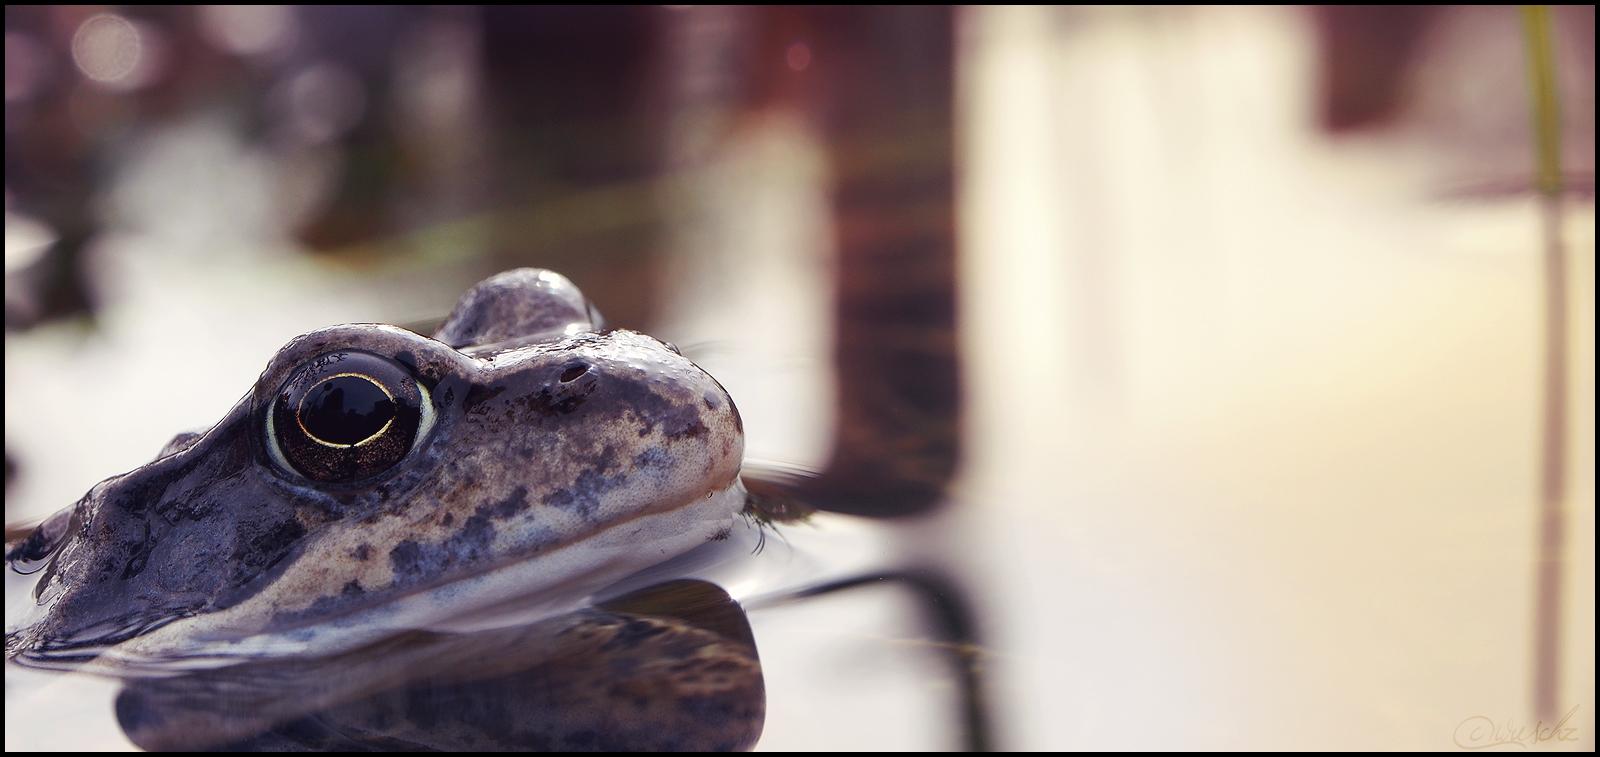 kleiner Froschkönig